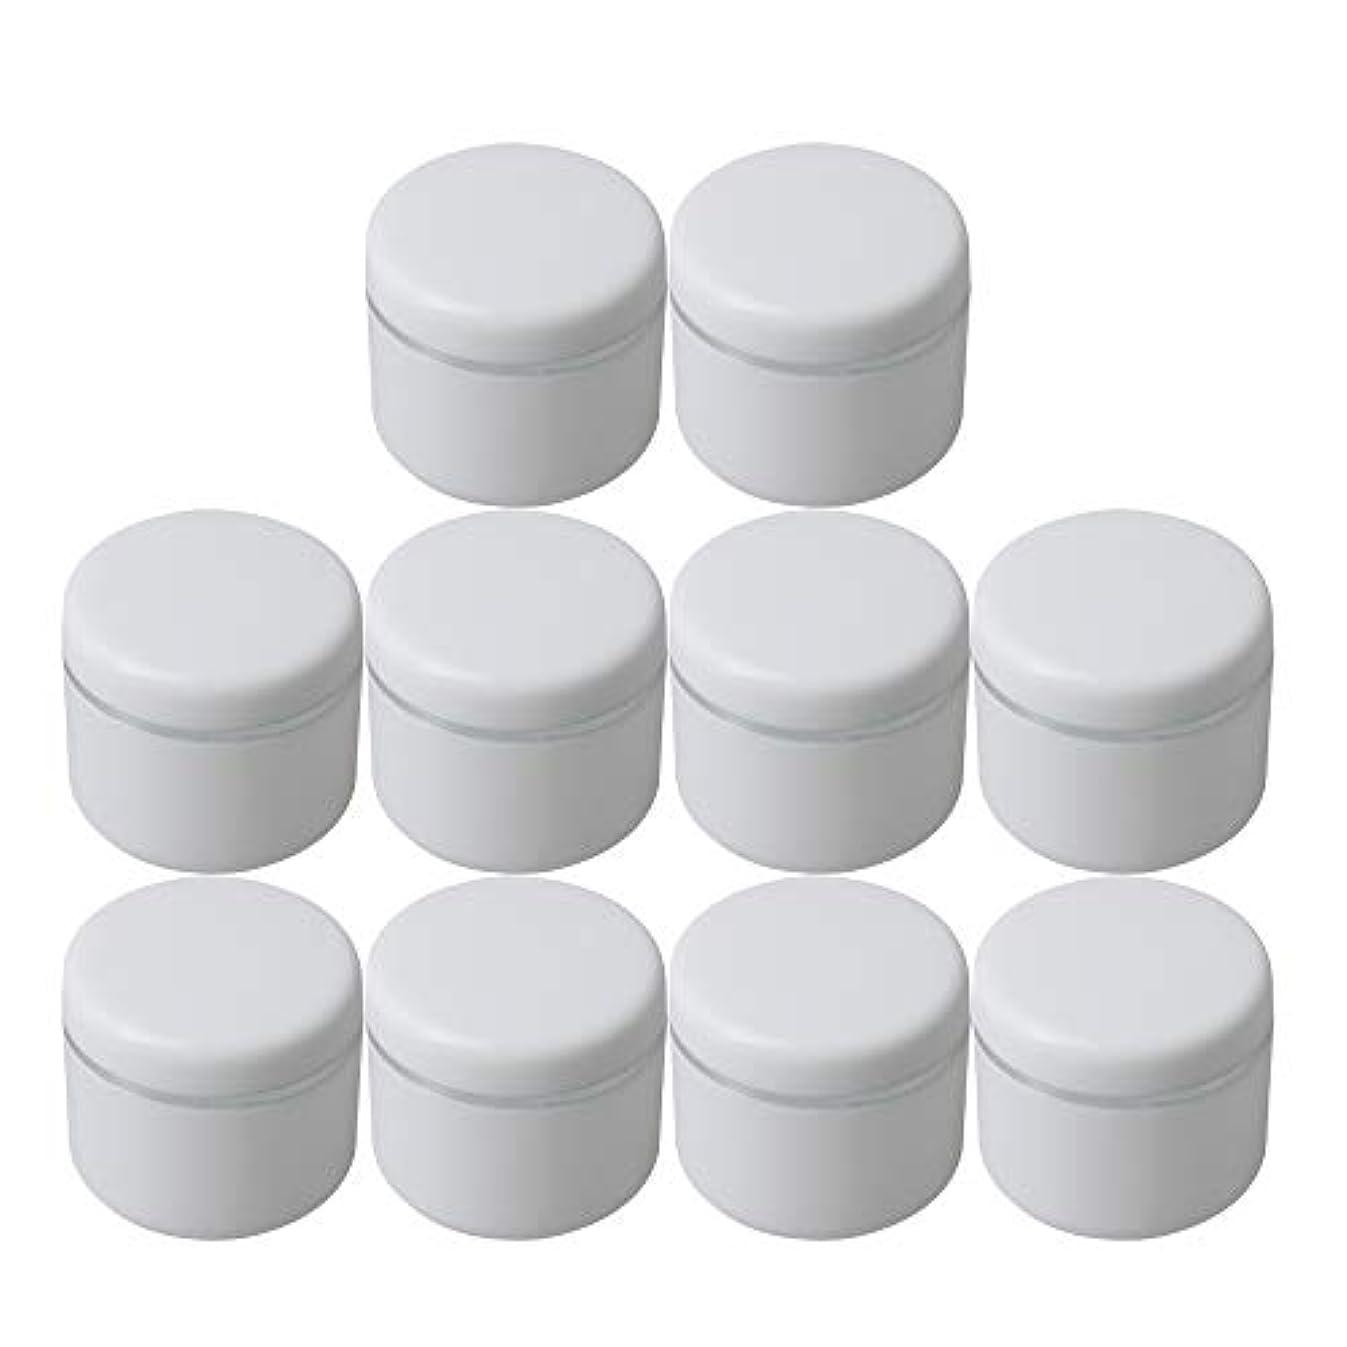 故障中スピン人工Diystyle 10個入 クリームケース 空ポット 空容器 化粧品用 30g 詰替え ホワイト